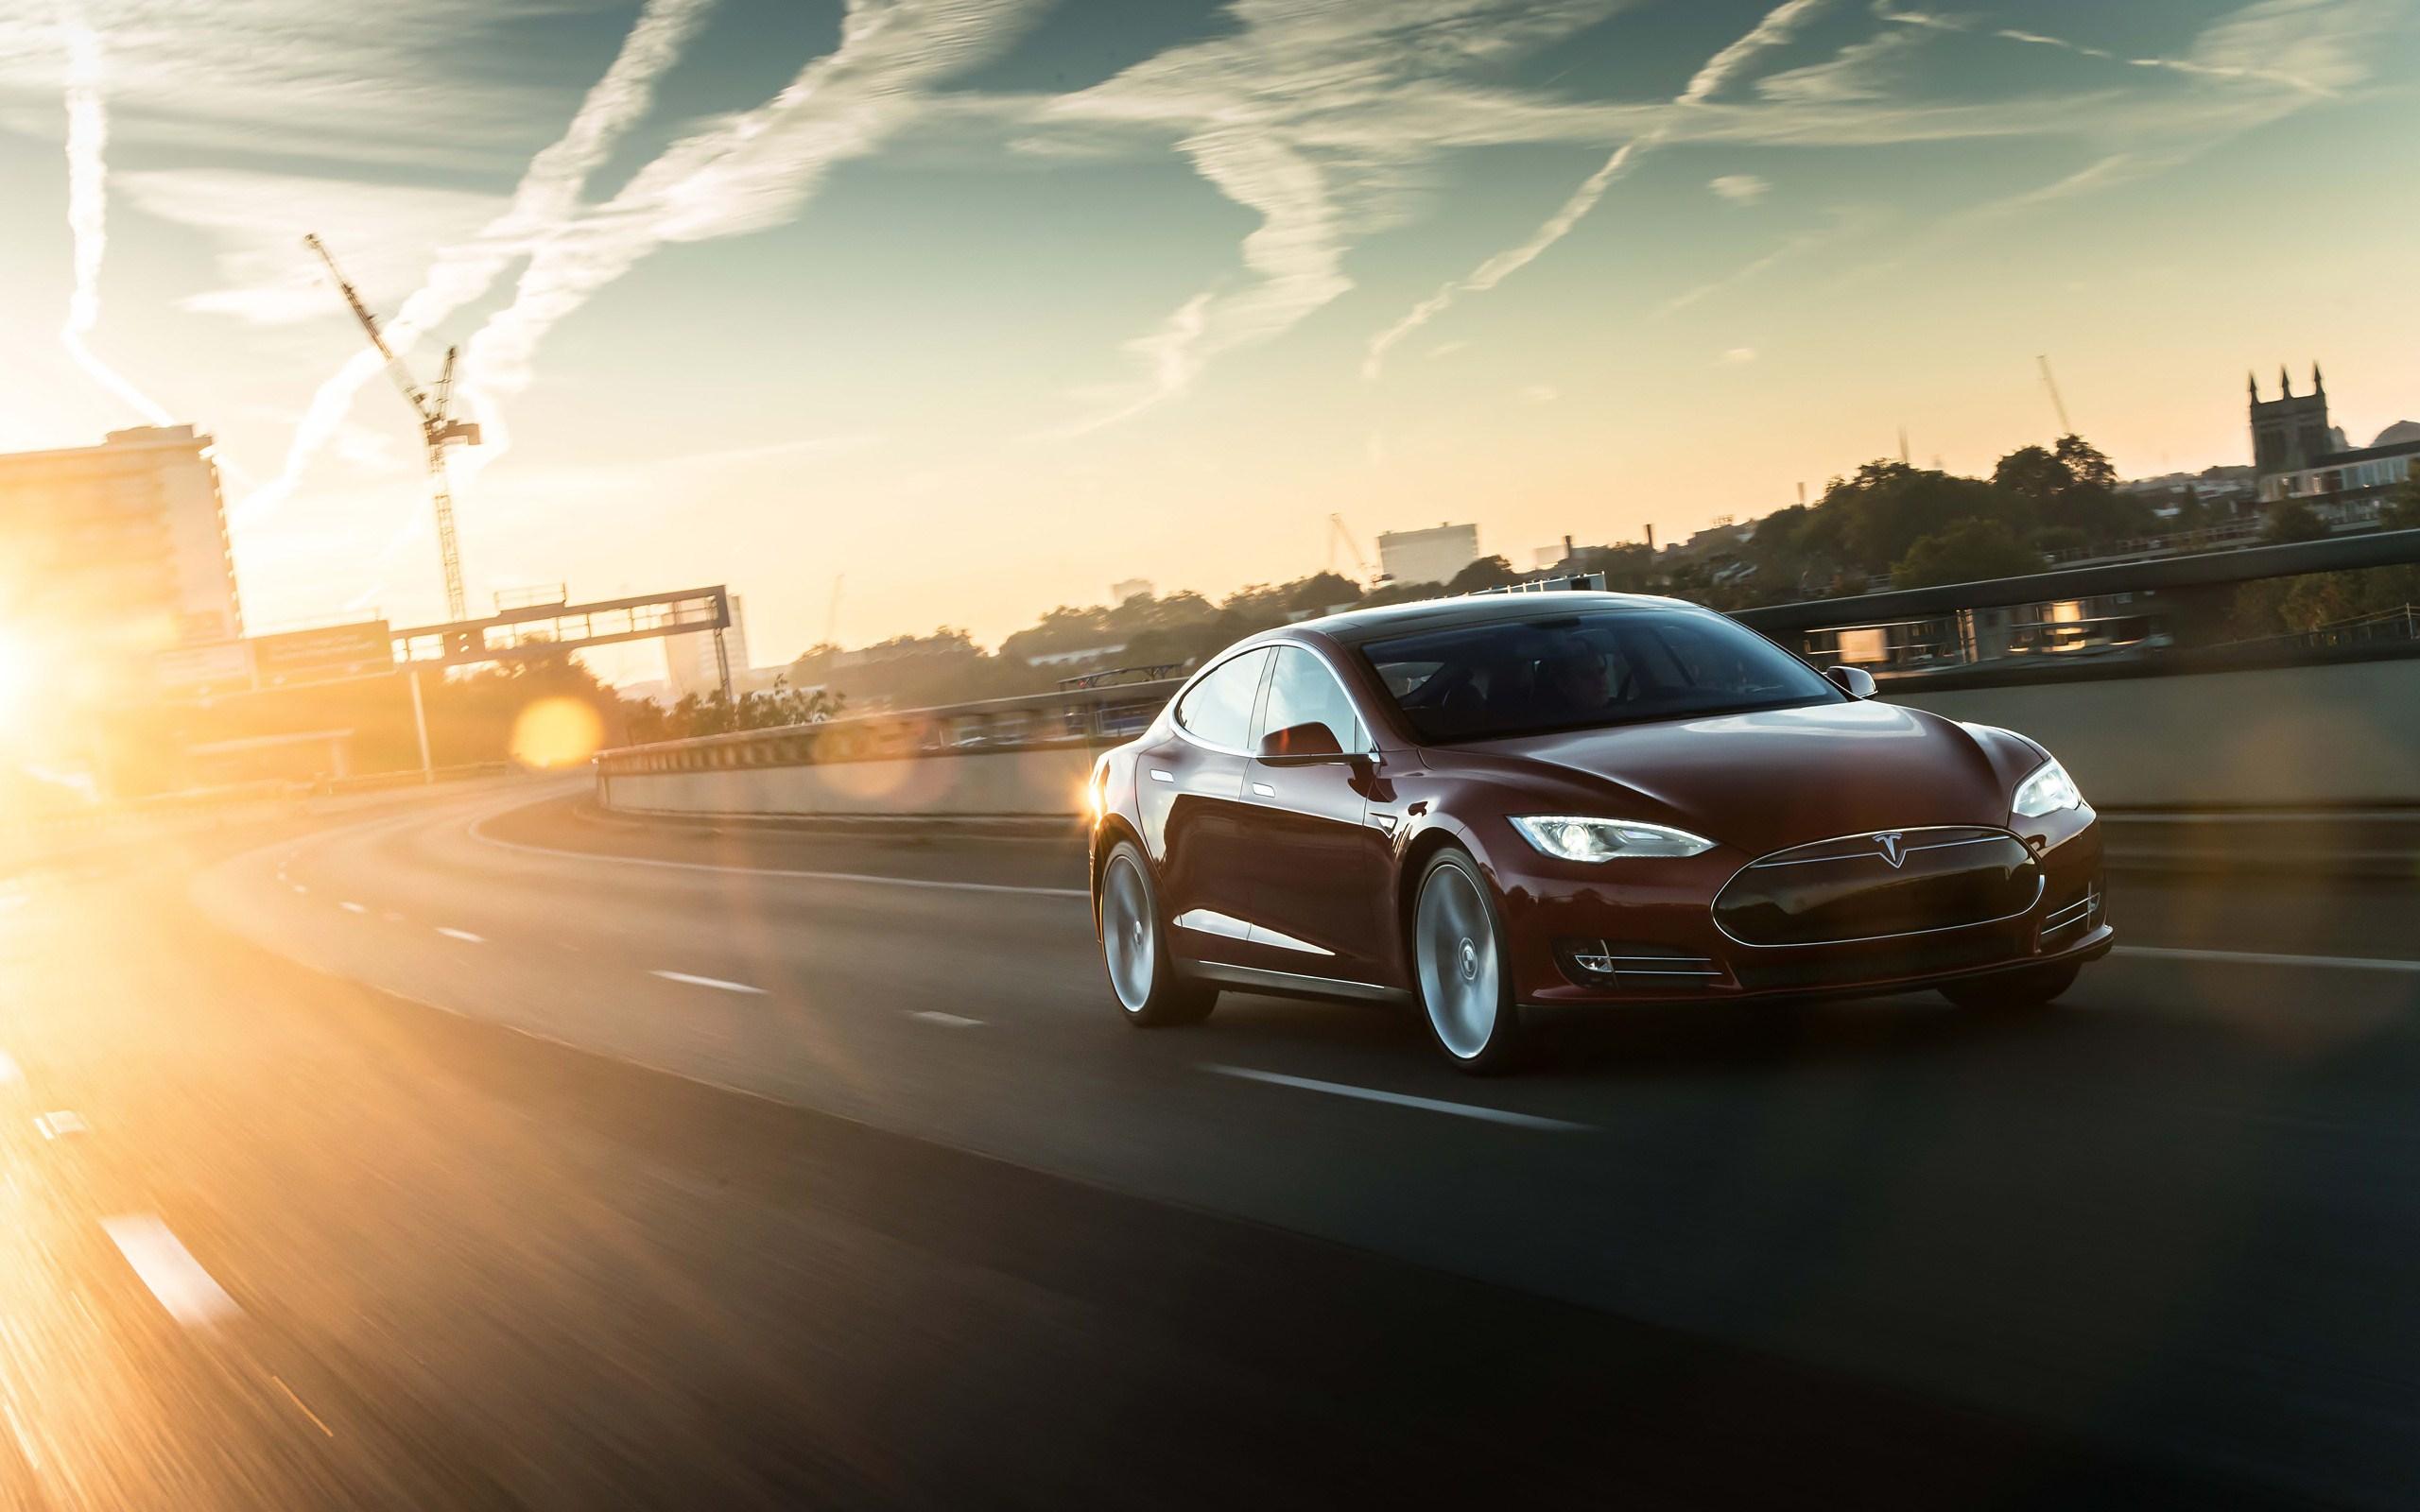 Tesla Model Y Hd: Hintergründe - Wallpaper Abyss